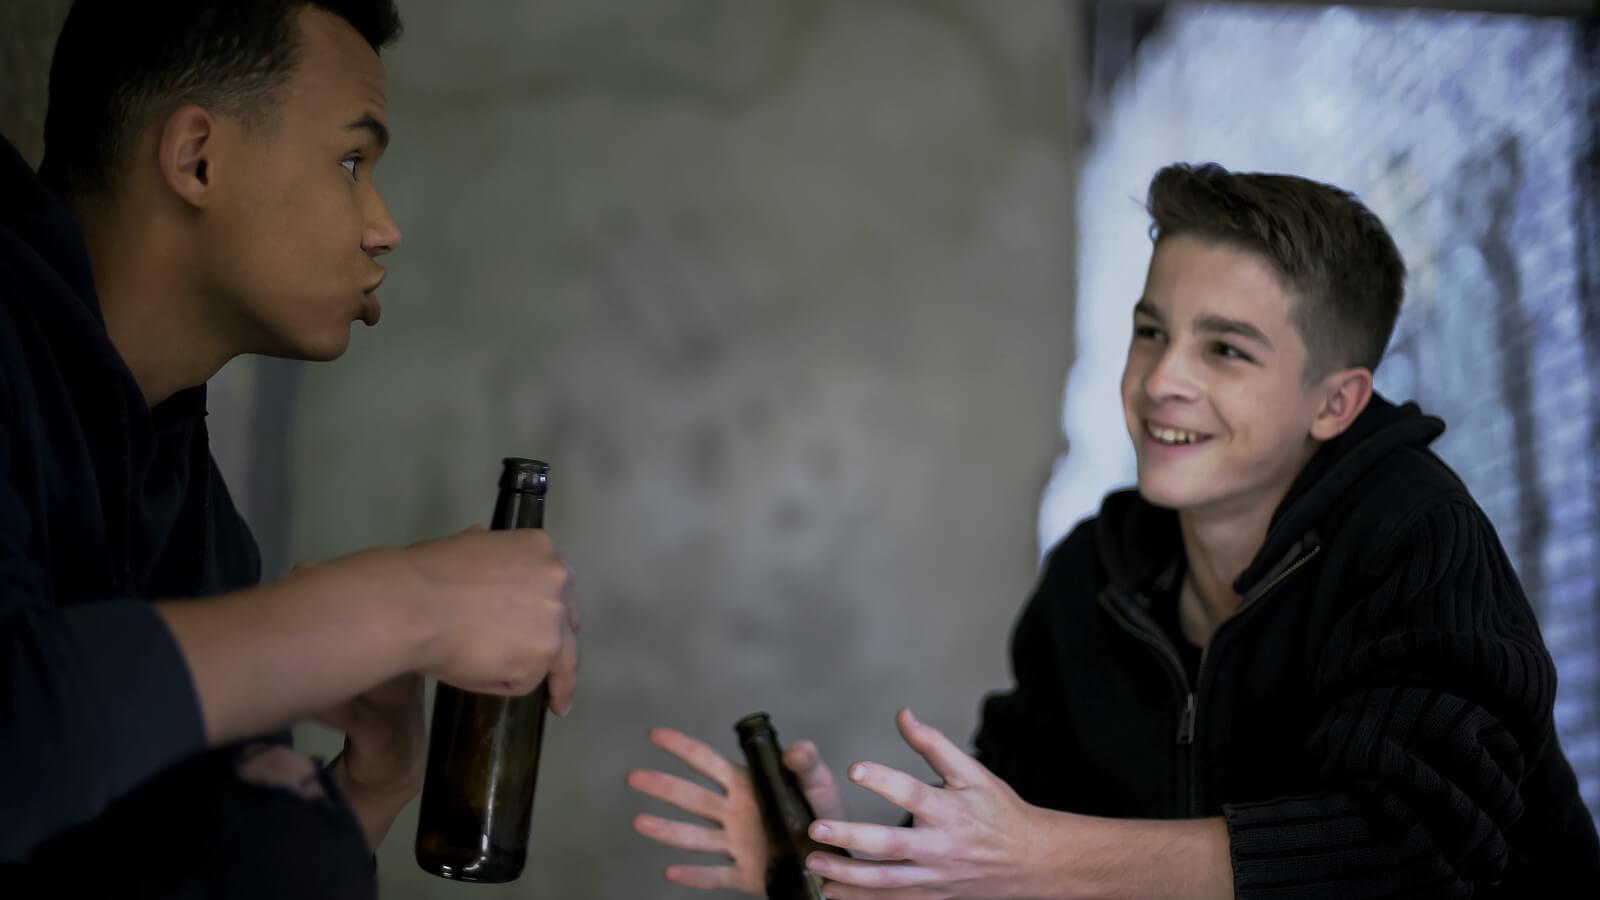 Adolescentes bebiendo alcohol debido a la deseabilidad social.